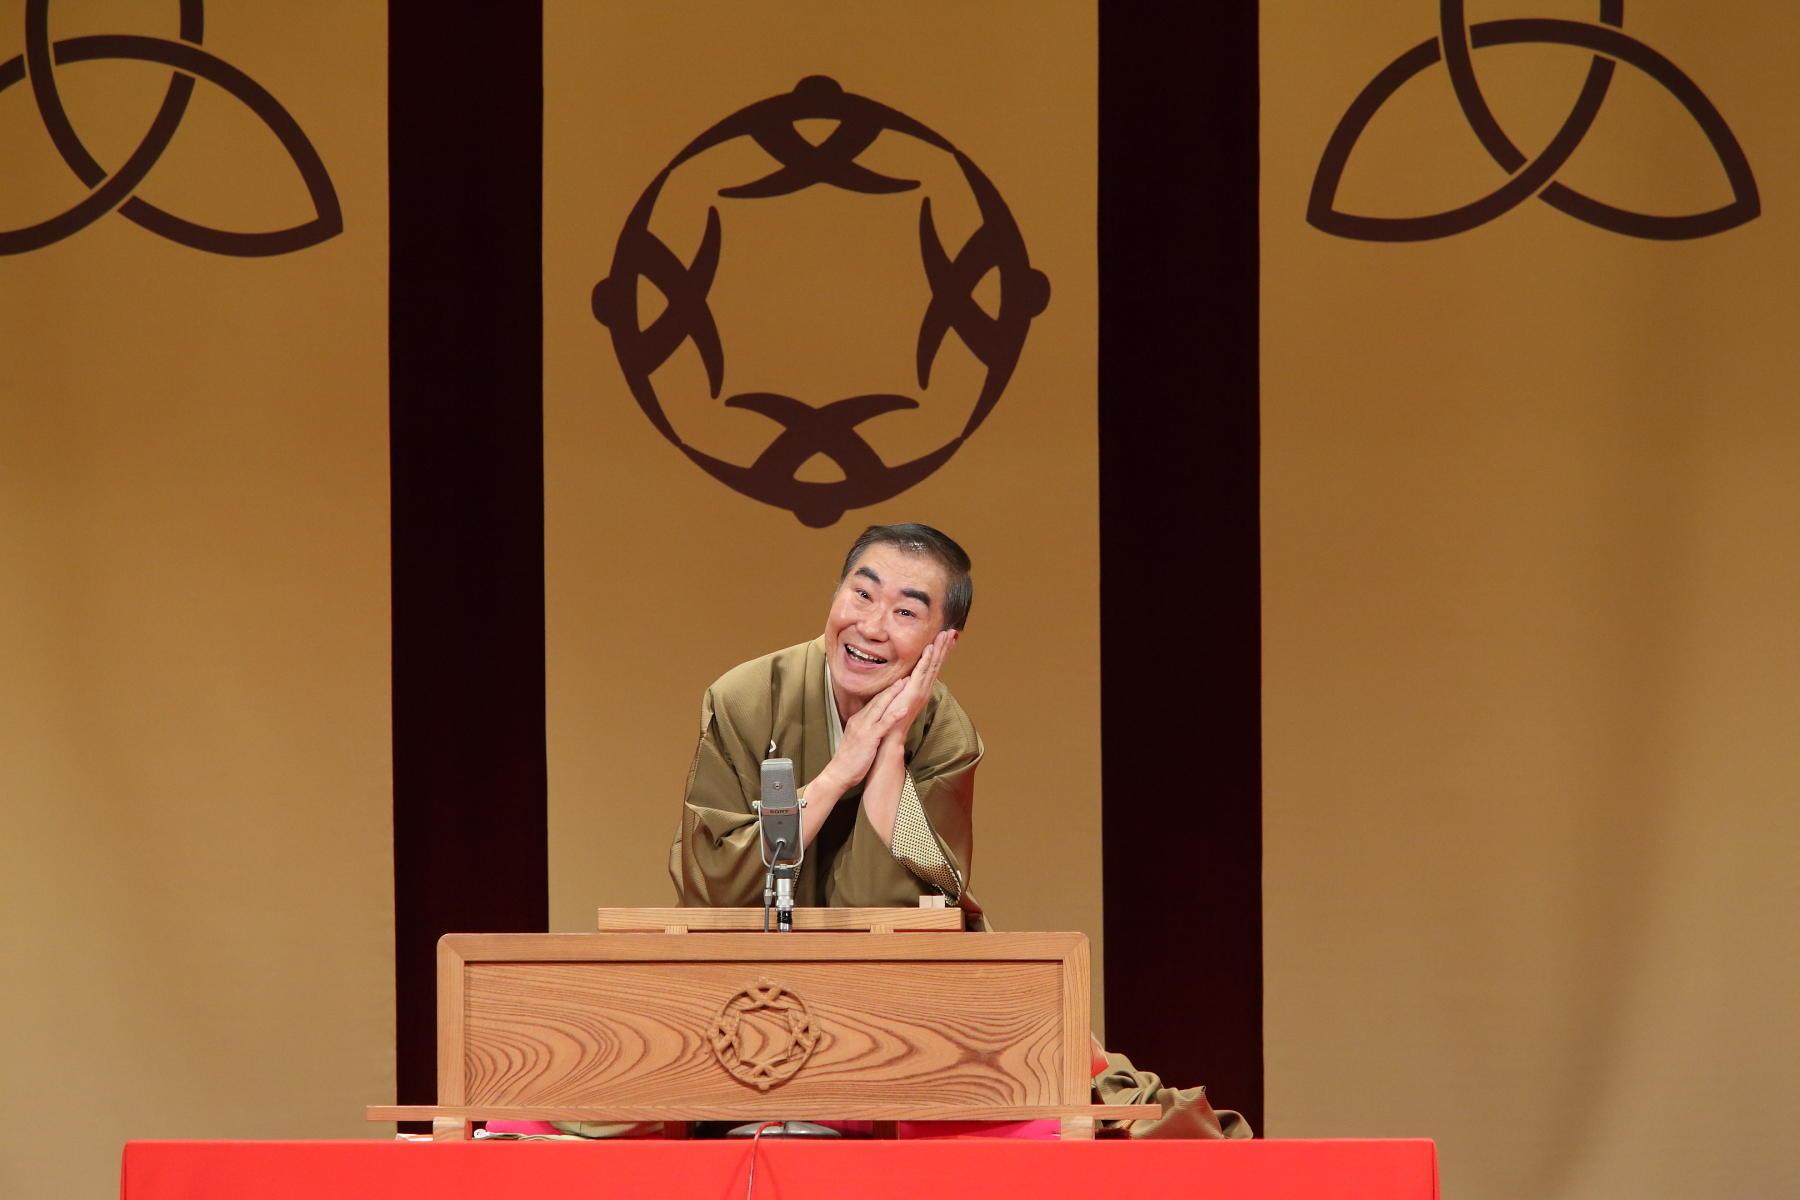 http://news.yoshimoto.co.jp/20180925103652-cec3efd139ea243eb387da93306df5204e5a4521.jpg